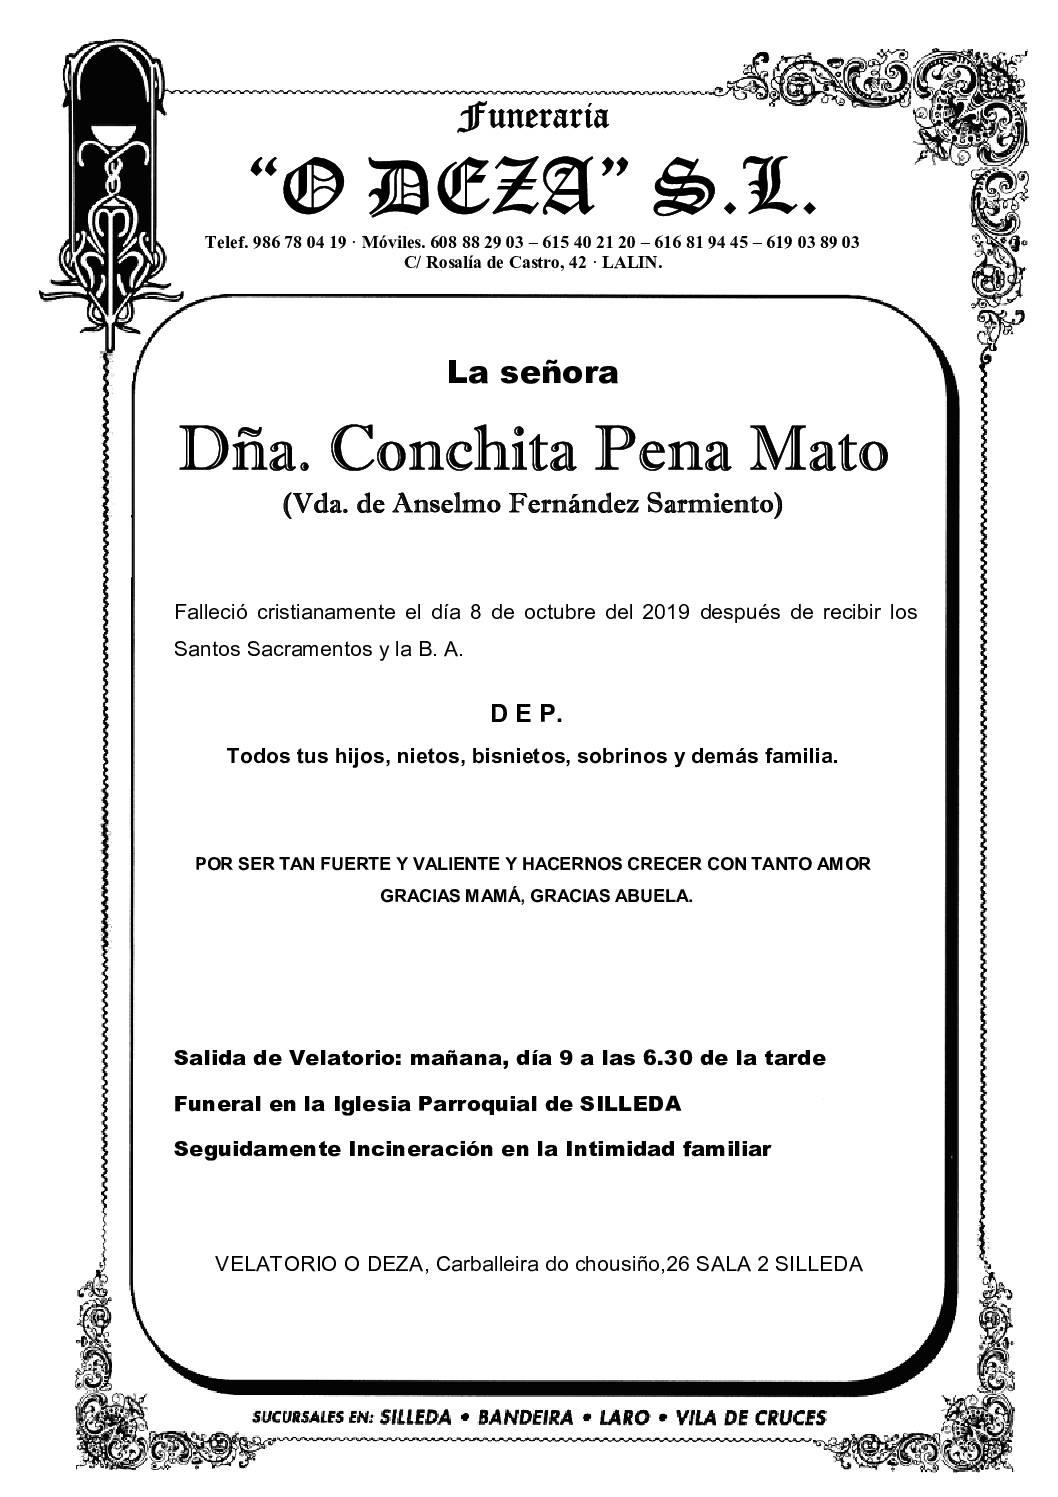 DÑA. CONCHITA PENA MATO